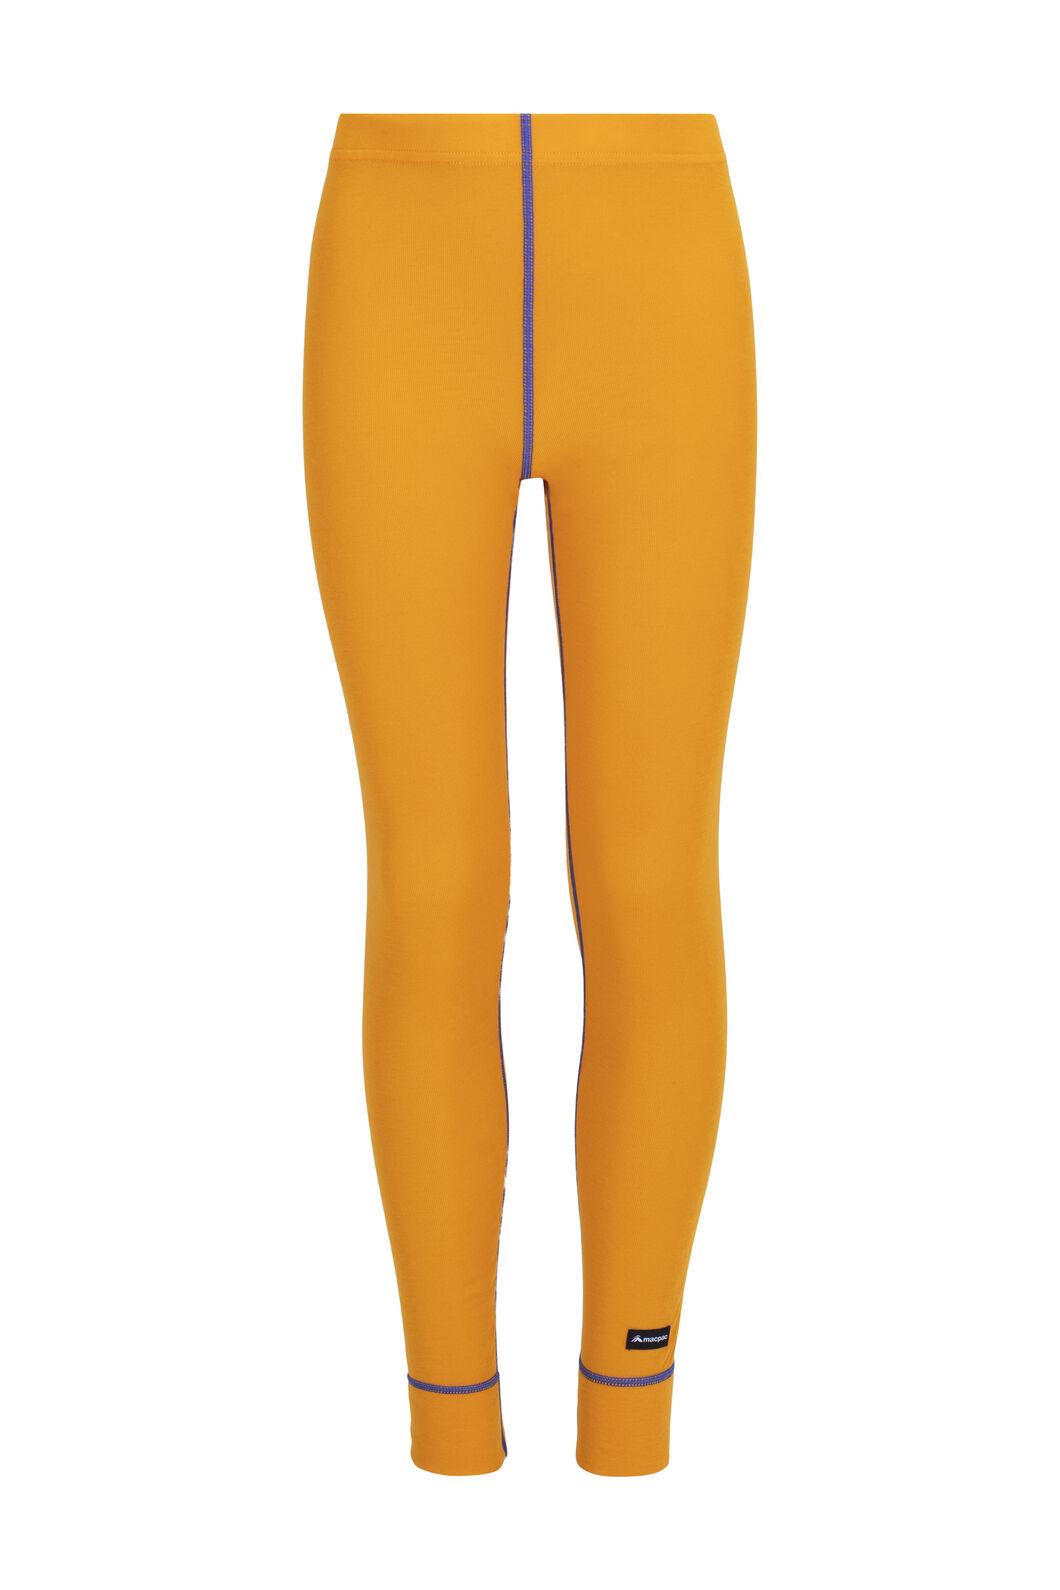 Macpac Geothermal Pants — Kids', Cadmium Yellow, hi-res